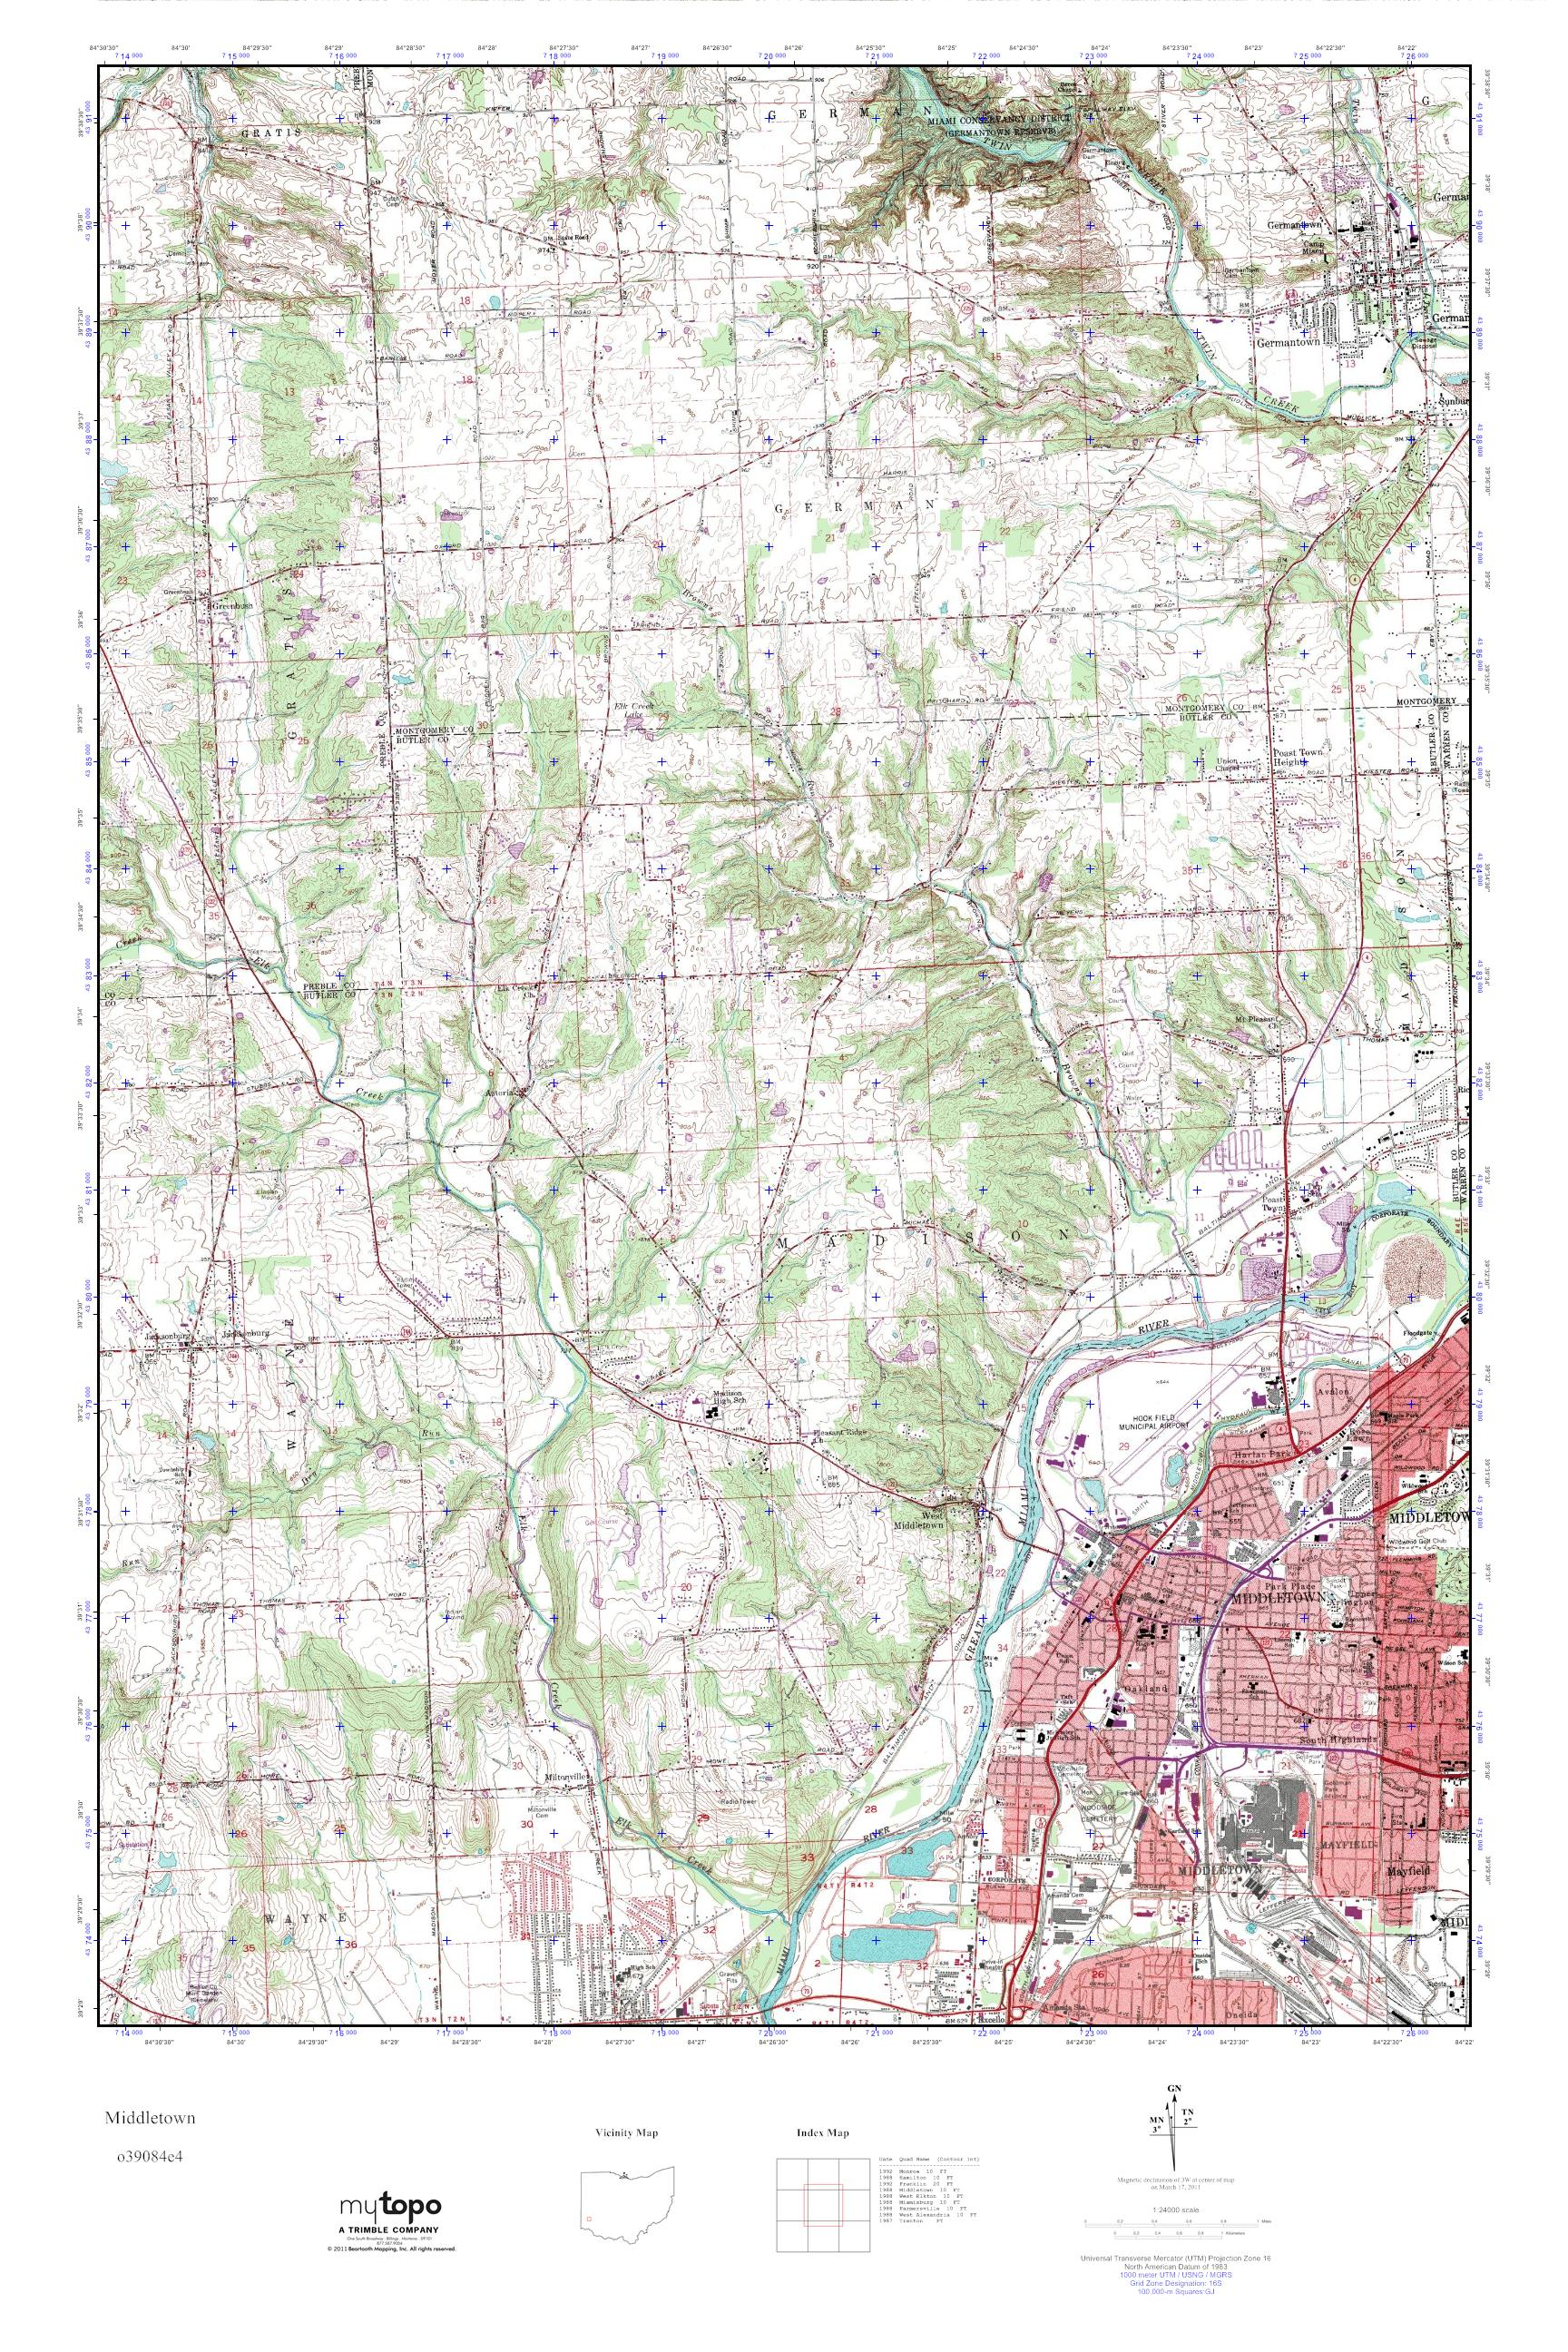 Mytopo Middletown Ohio Usgs Quad Topo Map